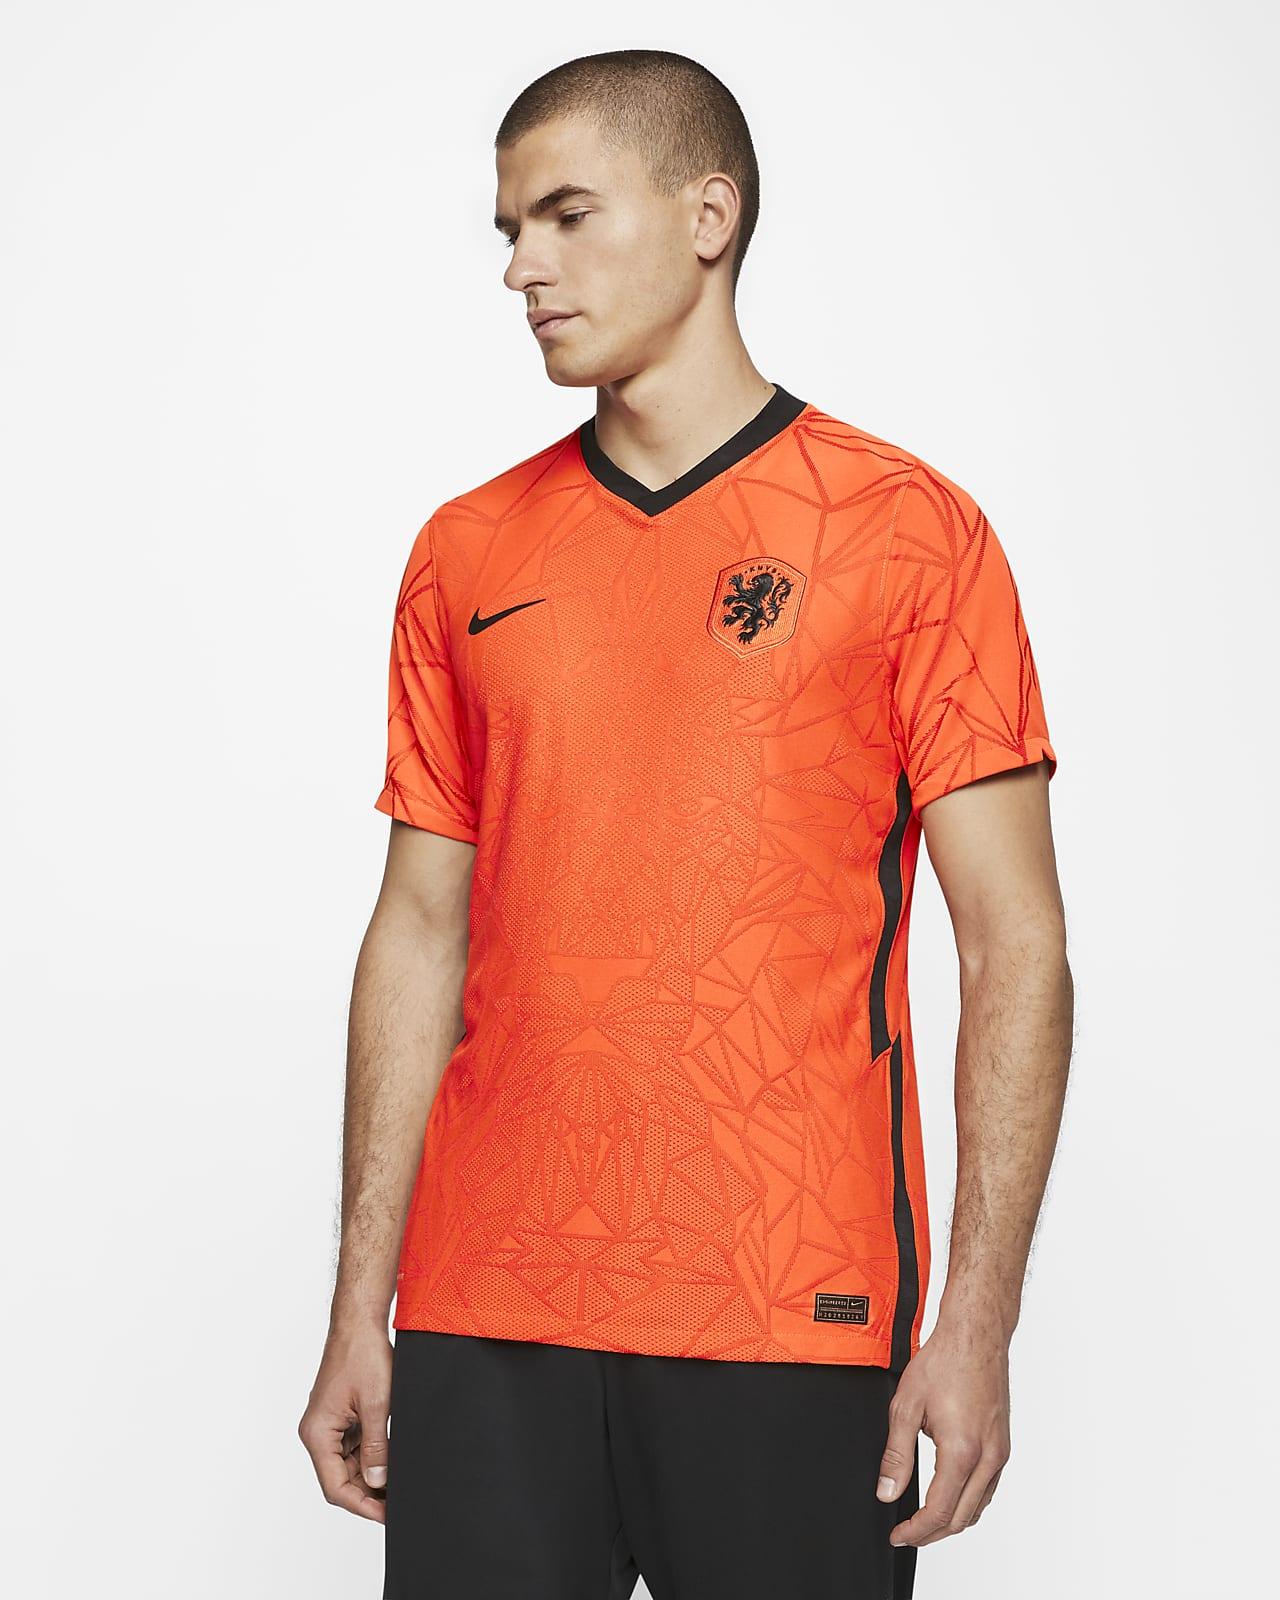 Celda de poder átomo Destrucción  Camiseta de fútbol para hombre 2020 Holanda Vapor Match Home. Nike CL